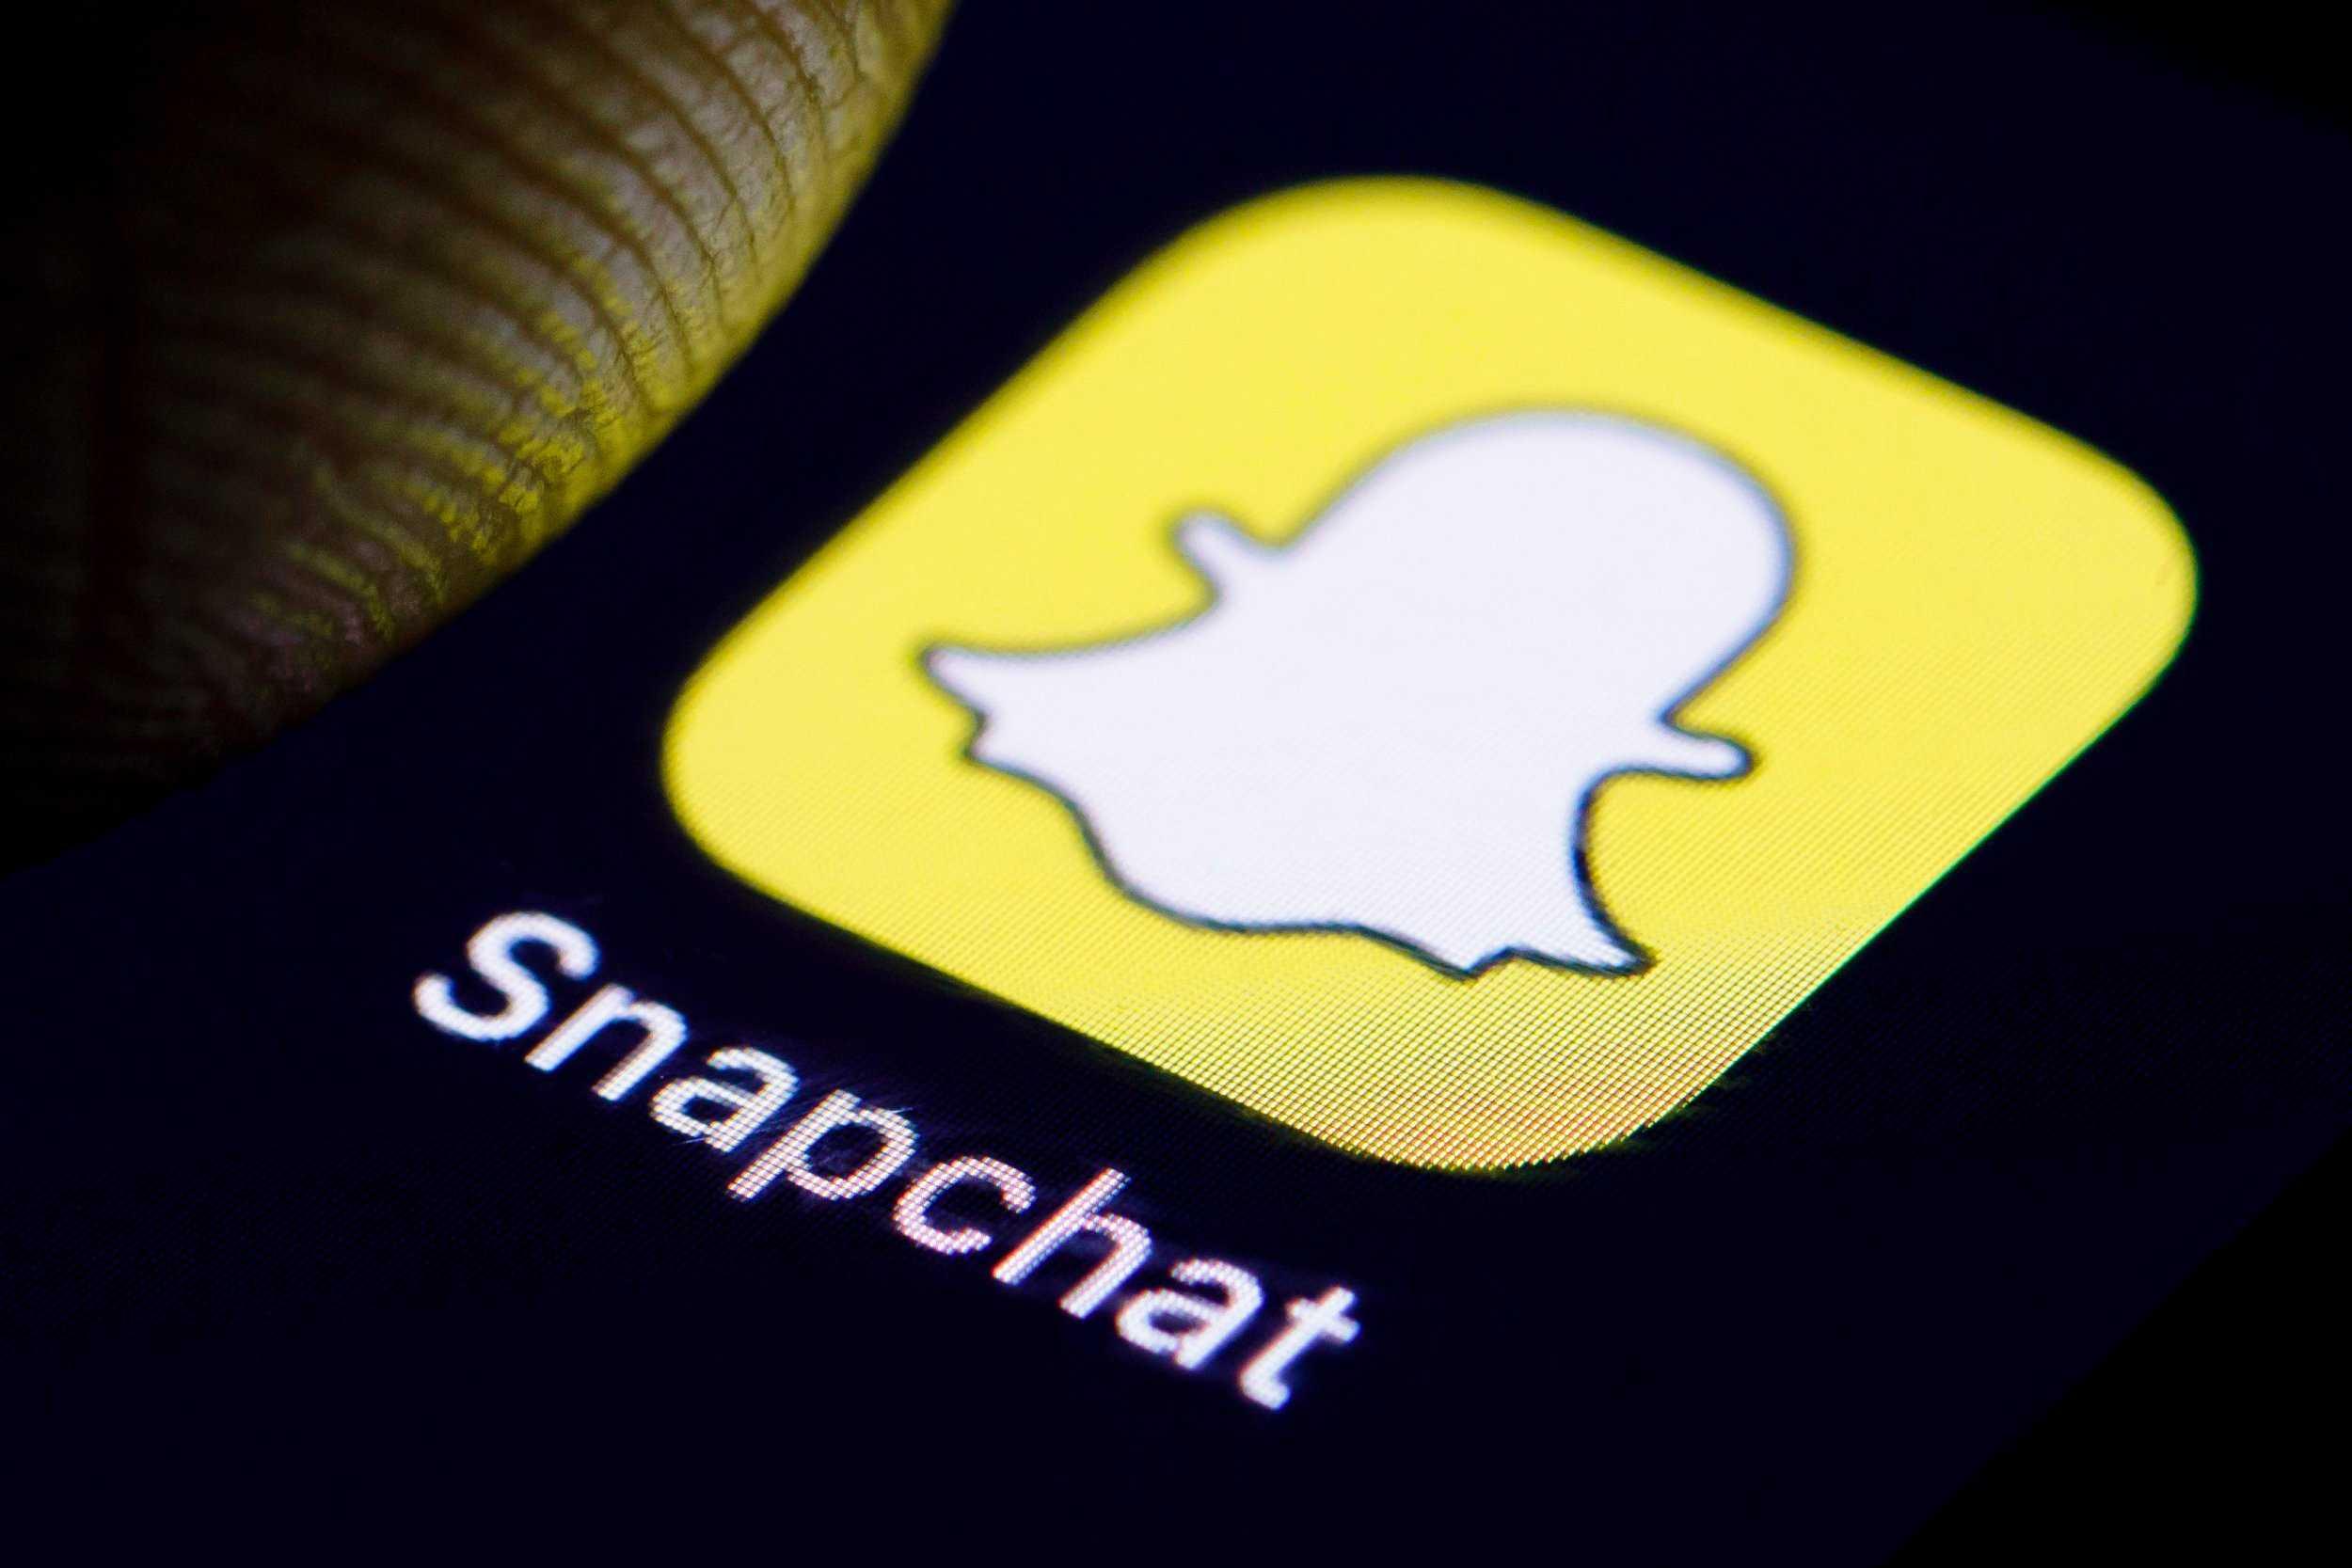 Оставайся на связи_подборка лучших мессенджеров для ПК и смартфона - иконка snapchat